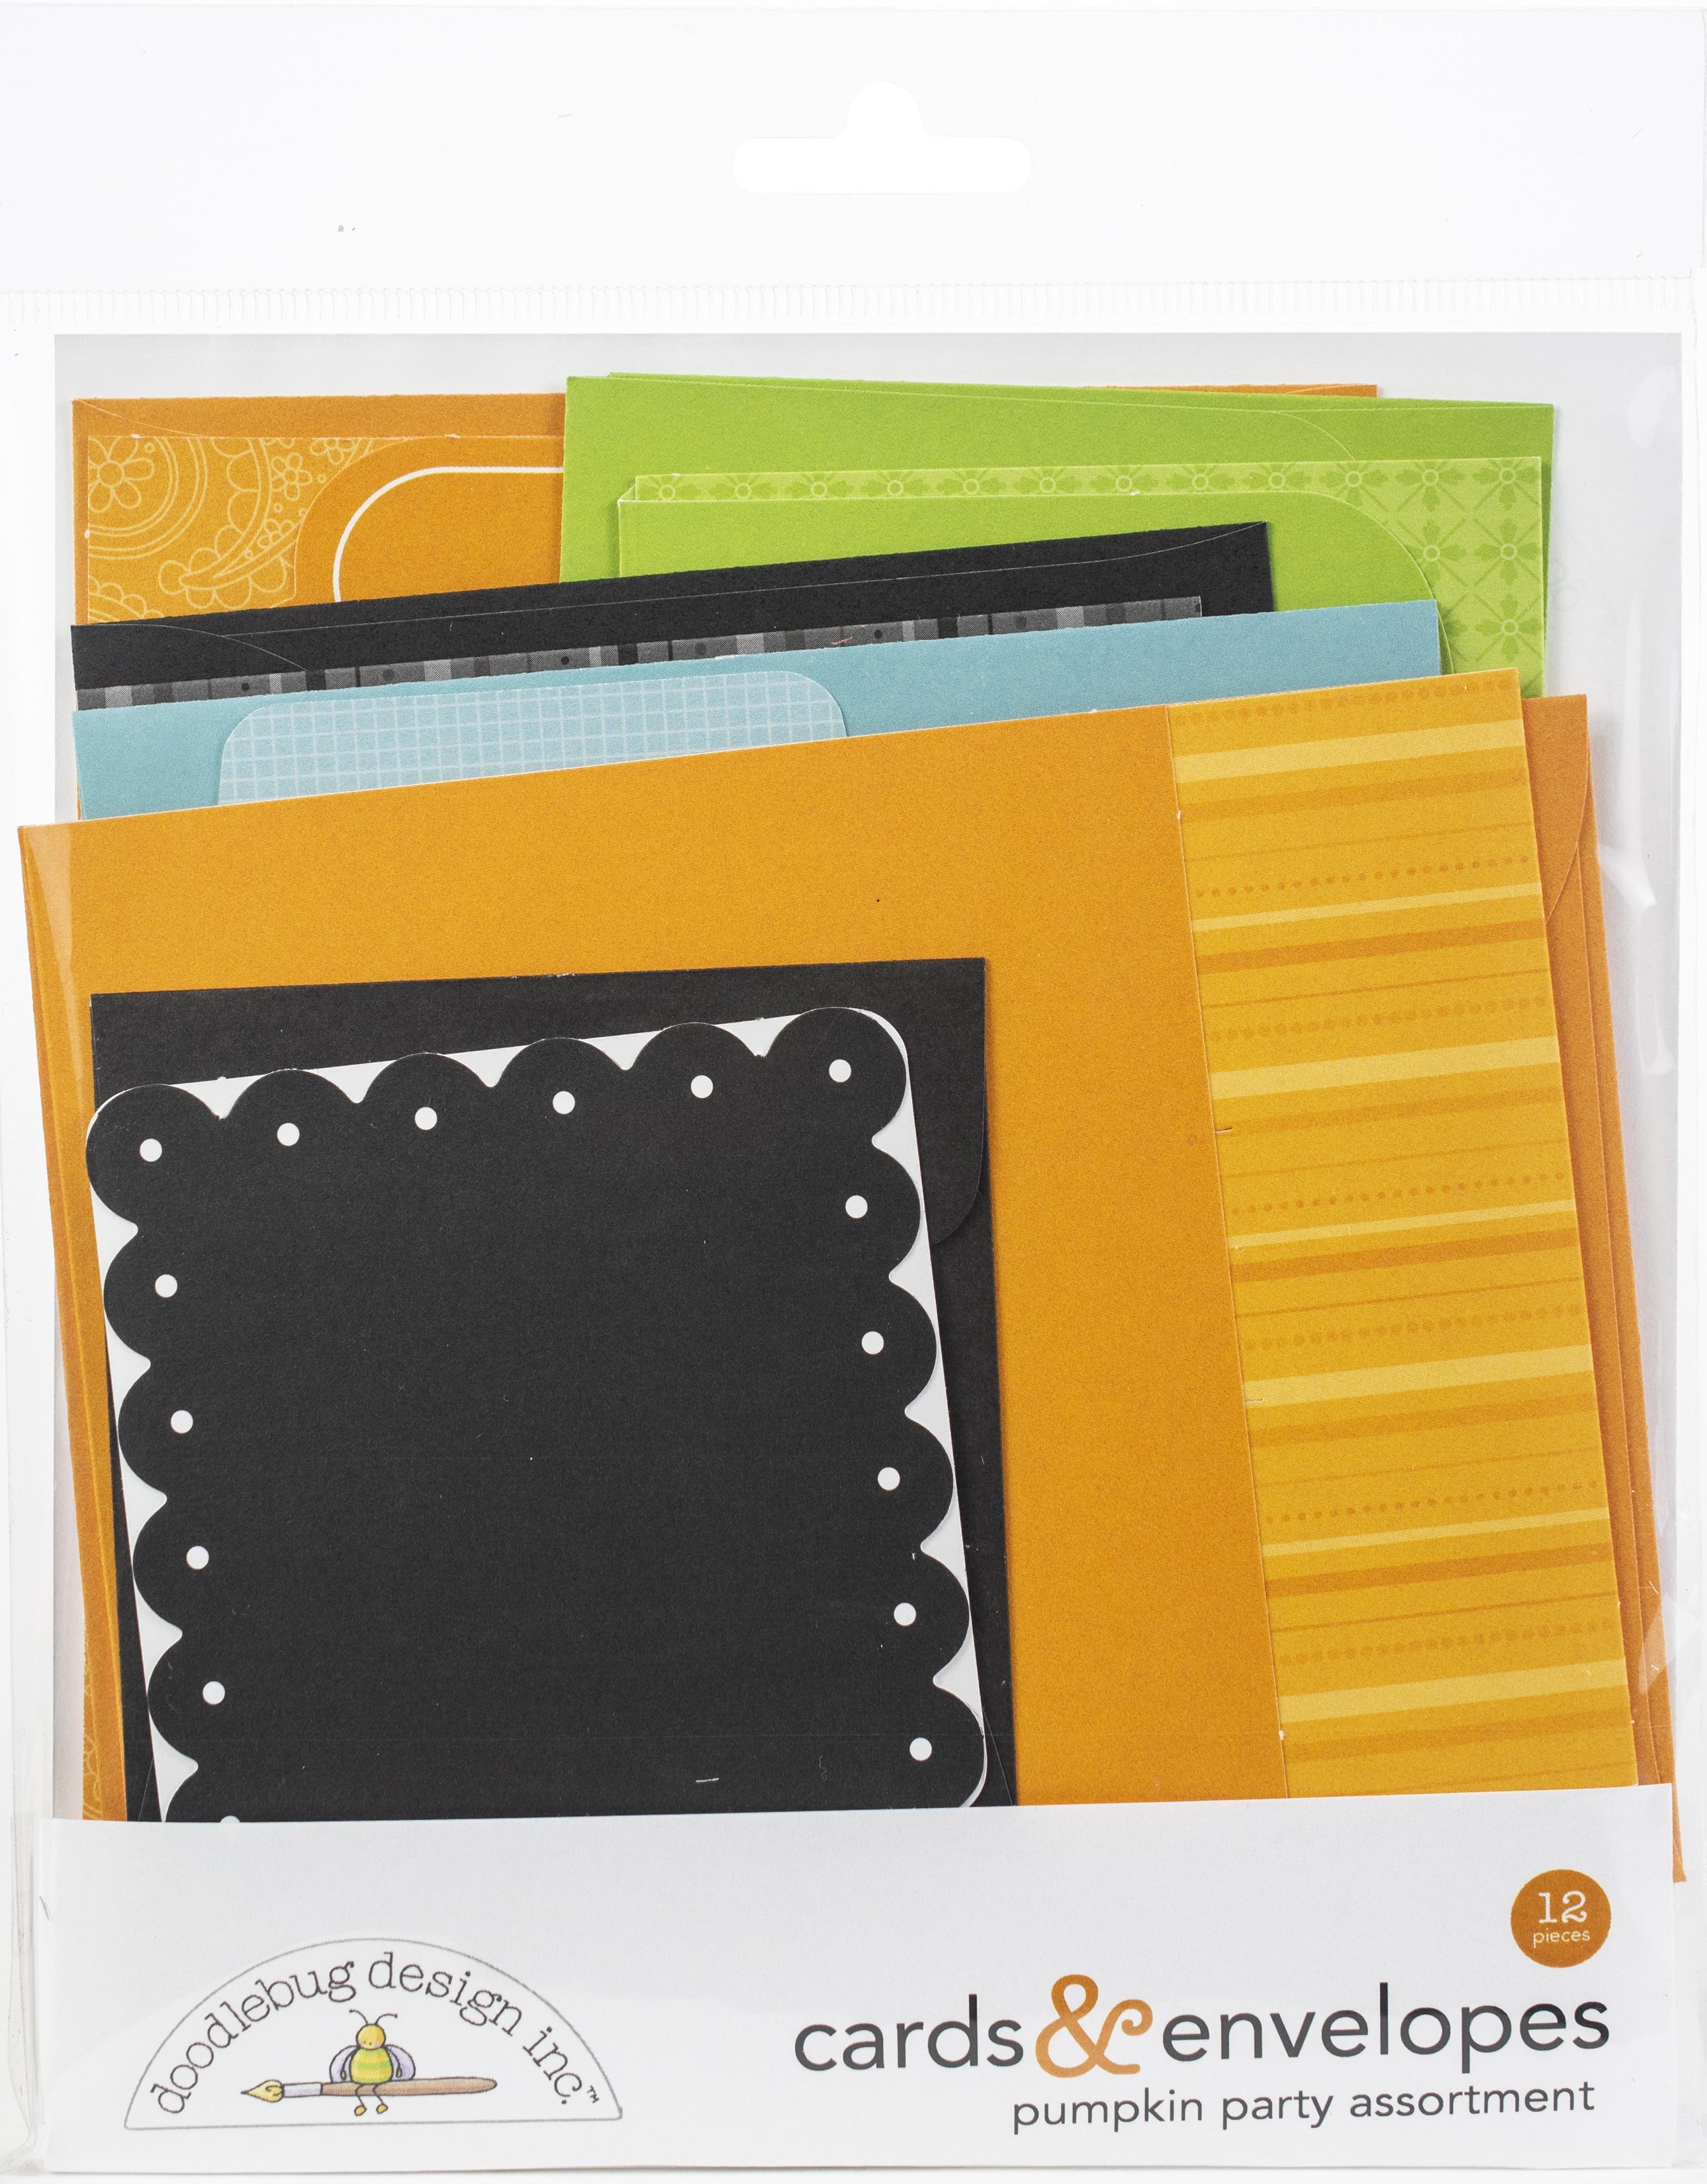 PUMPKIN PA-CREATE A CARD KIT